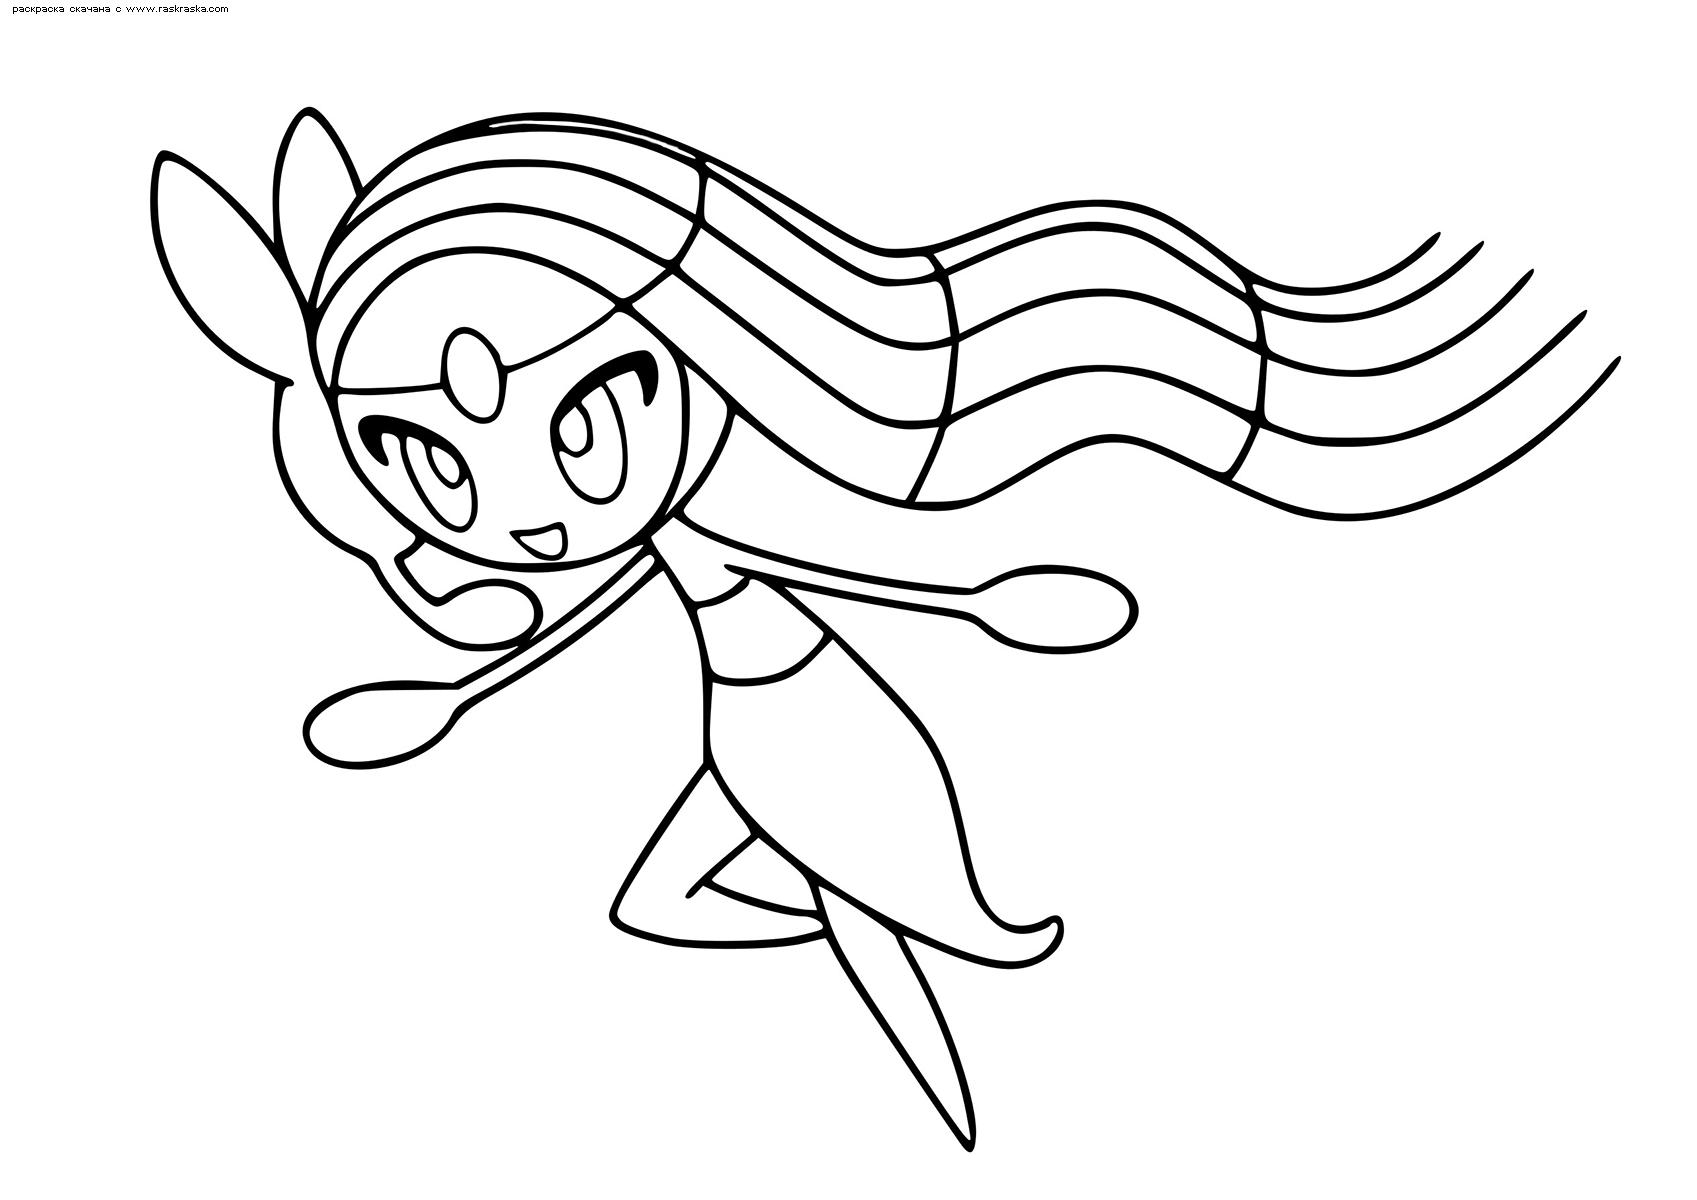 Раскраска Легендарный покемон Мелоетта (Meloetta). Раскраска Покемон